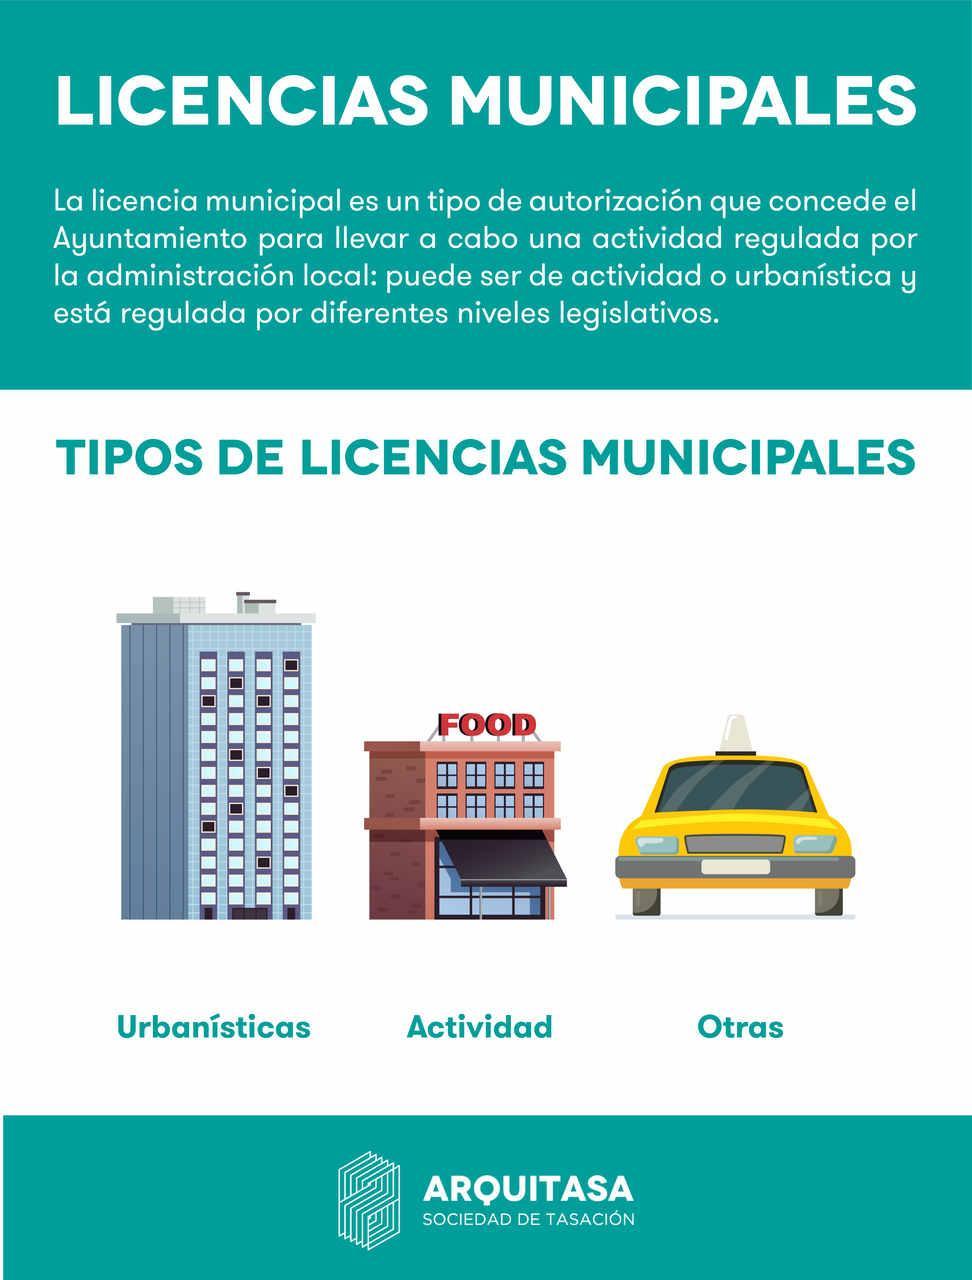 Infografía con la definición de licencia municipal y los diferentes tipos que existen (urbanística, actividad y otras)